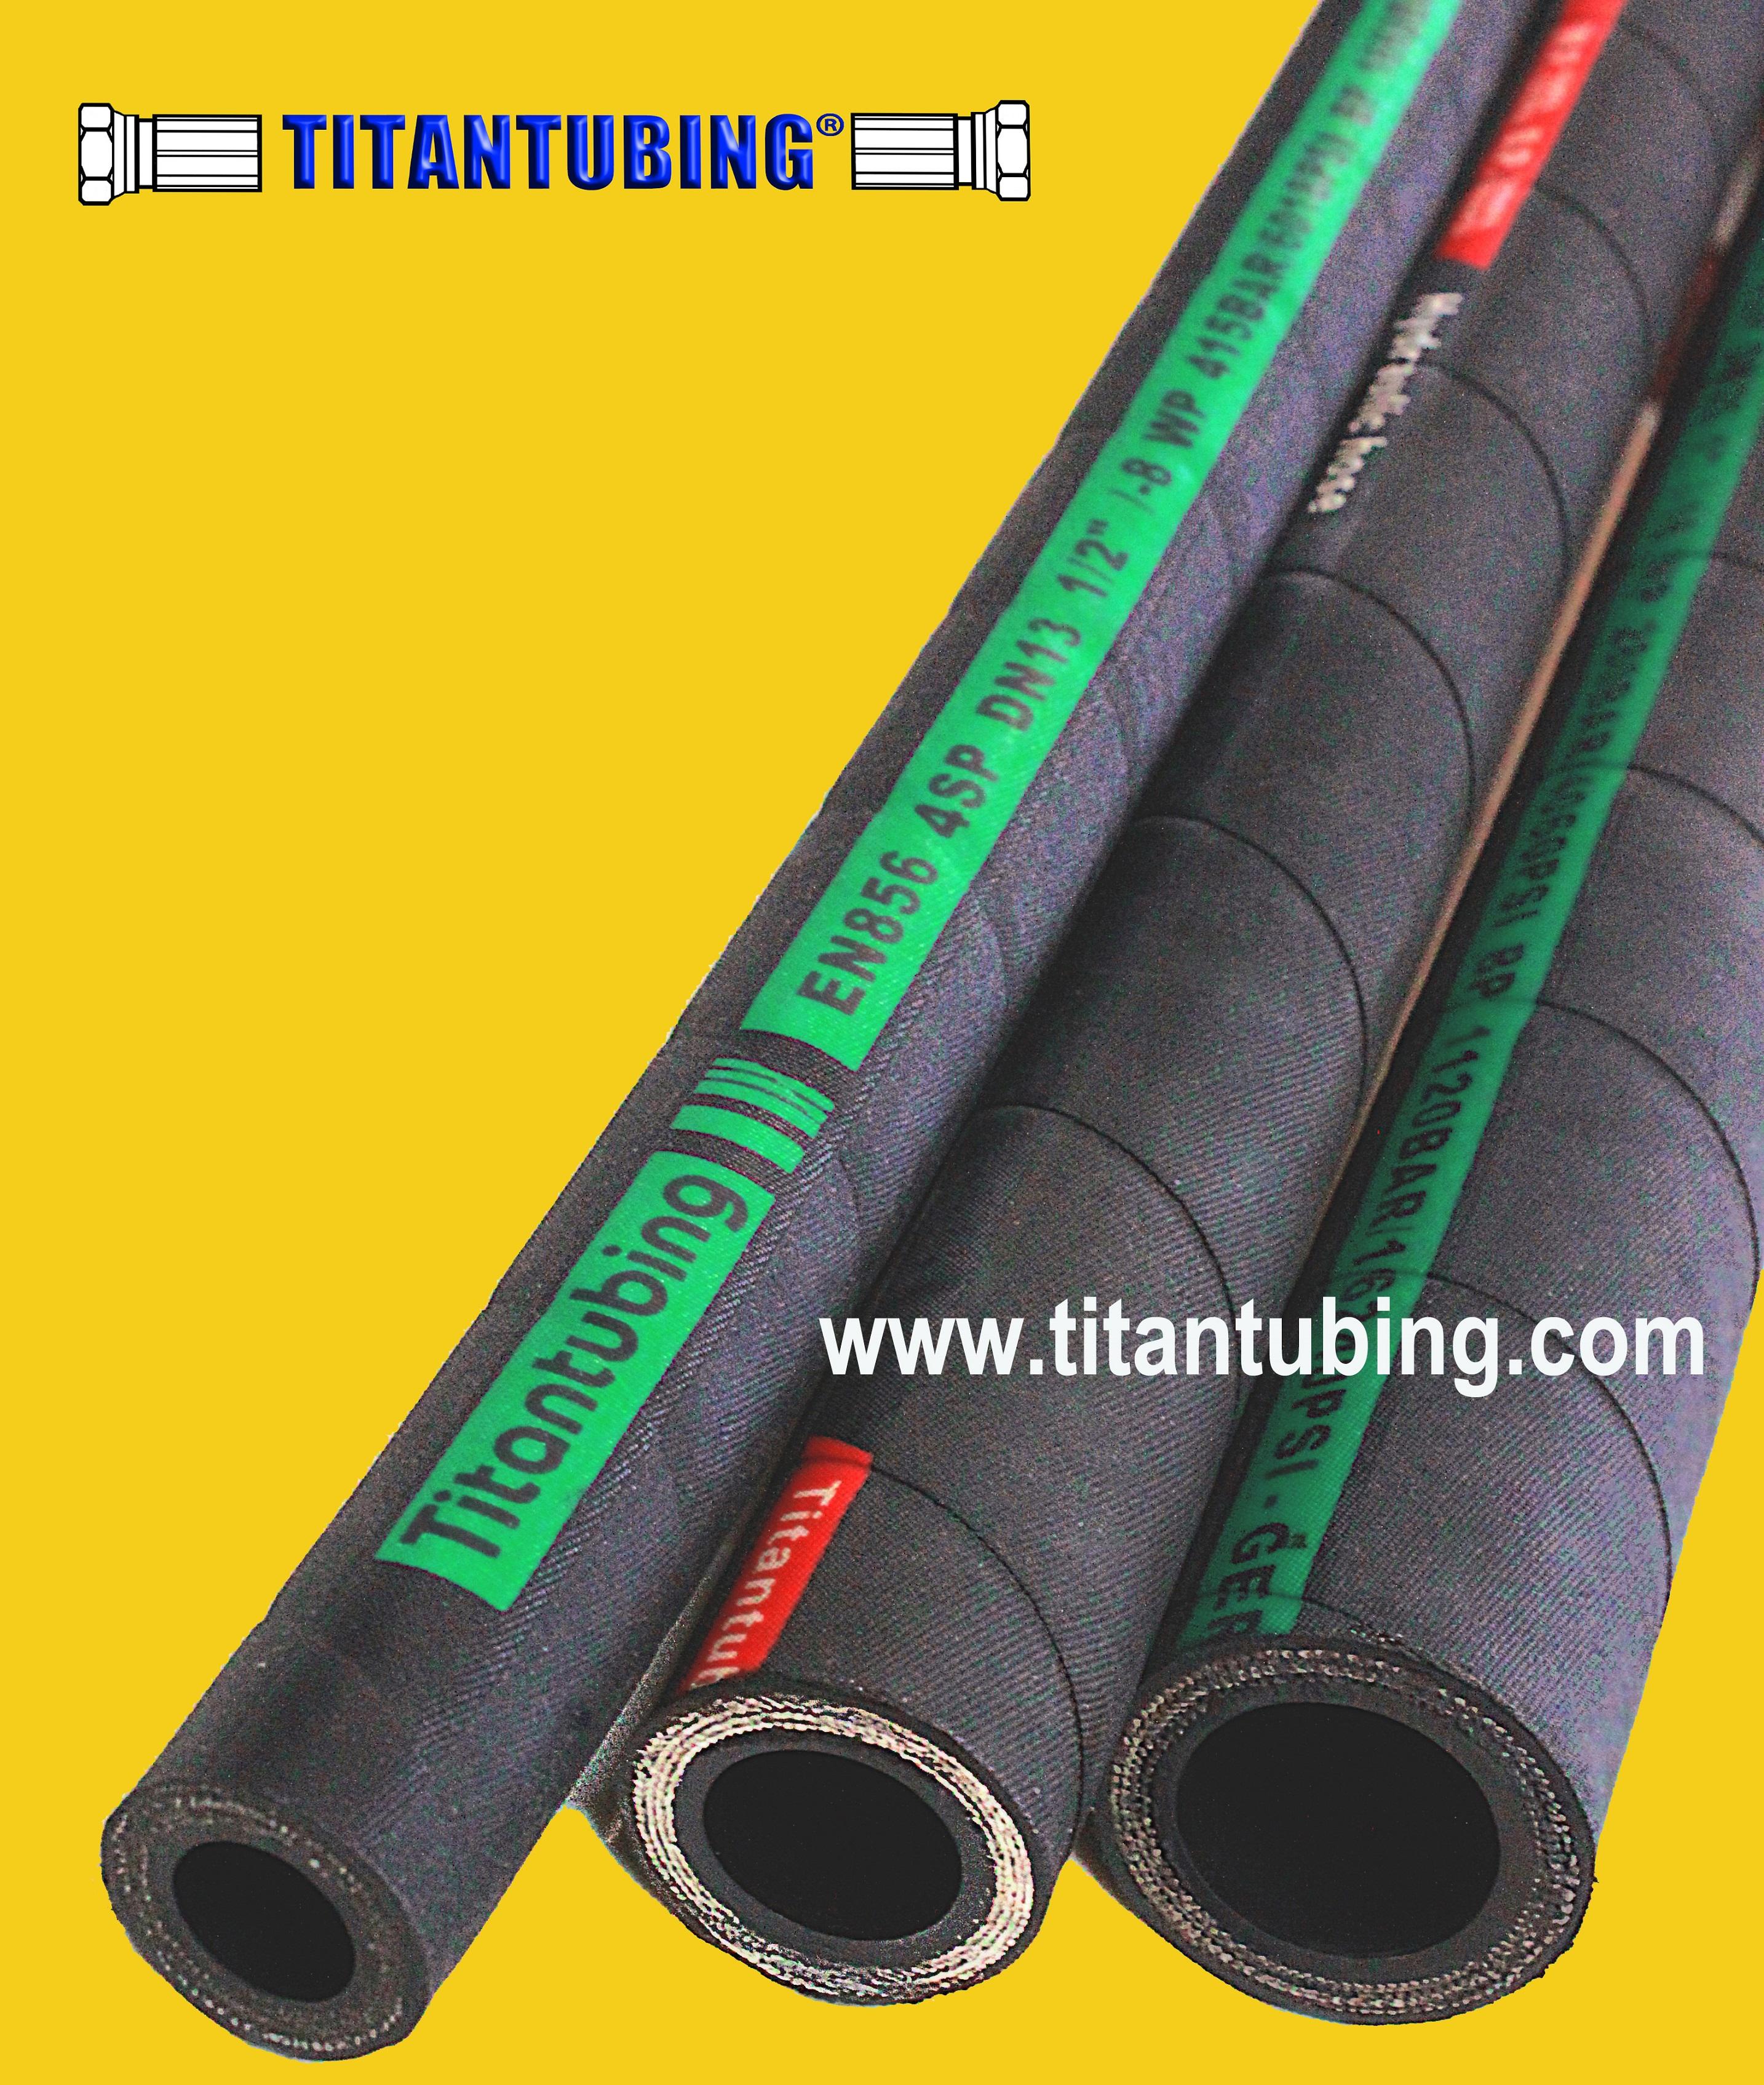 燃油管 空气管  高压油管  钢丝编织管  钢丝缠绕橡胶管 钢丝缠绕橡胶软管